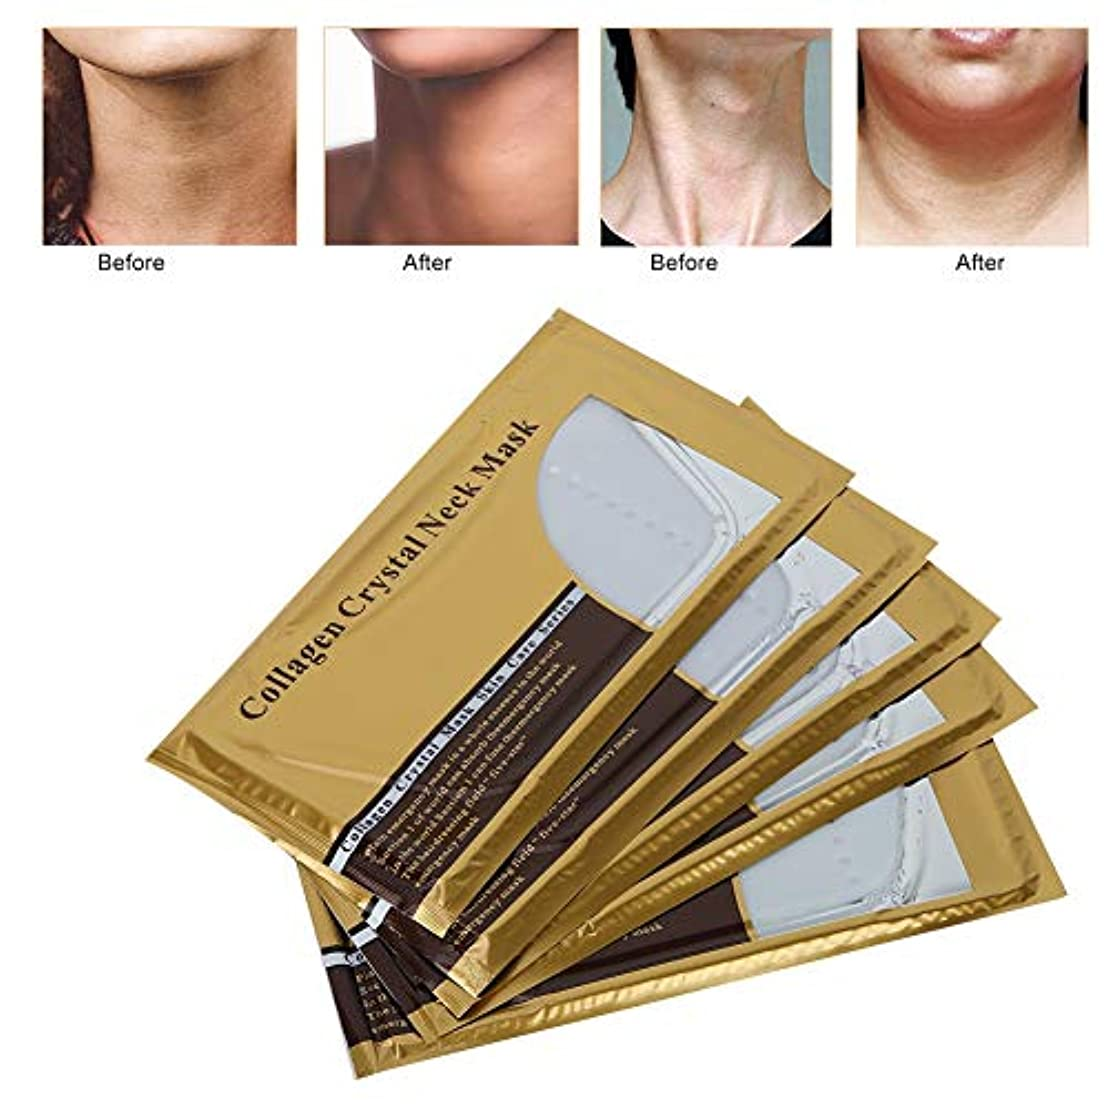 魅力的タブレット芝生ネックスキンリニューアルマスク、5ピースコラーゲン肌のリラクゼーションスキンケアマスク用あごリフティング剥離ホワイトニング引き締めより良い保湿水分補給